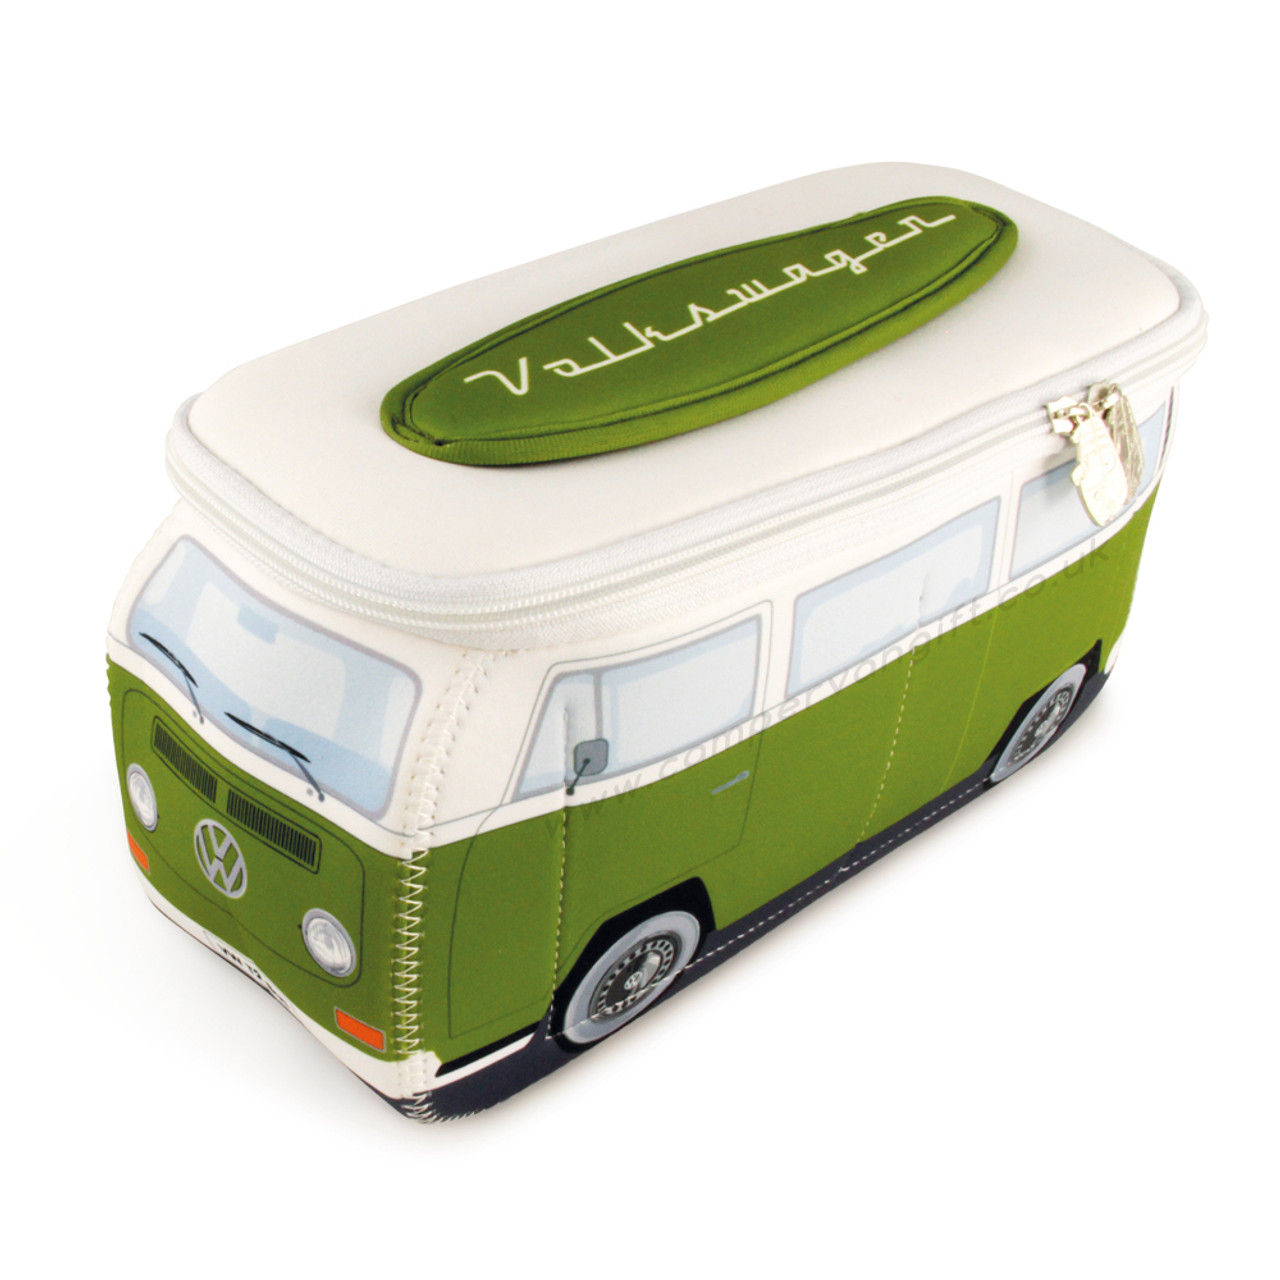 b4d94e278f55 VW Green Bay Campervan Universal Neoprene Wash Bag - Highly Versatile Camper  Bag